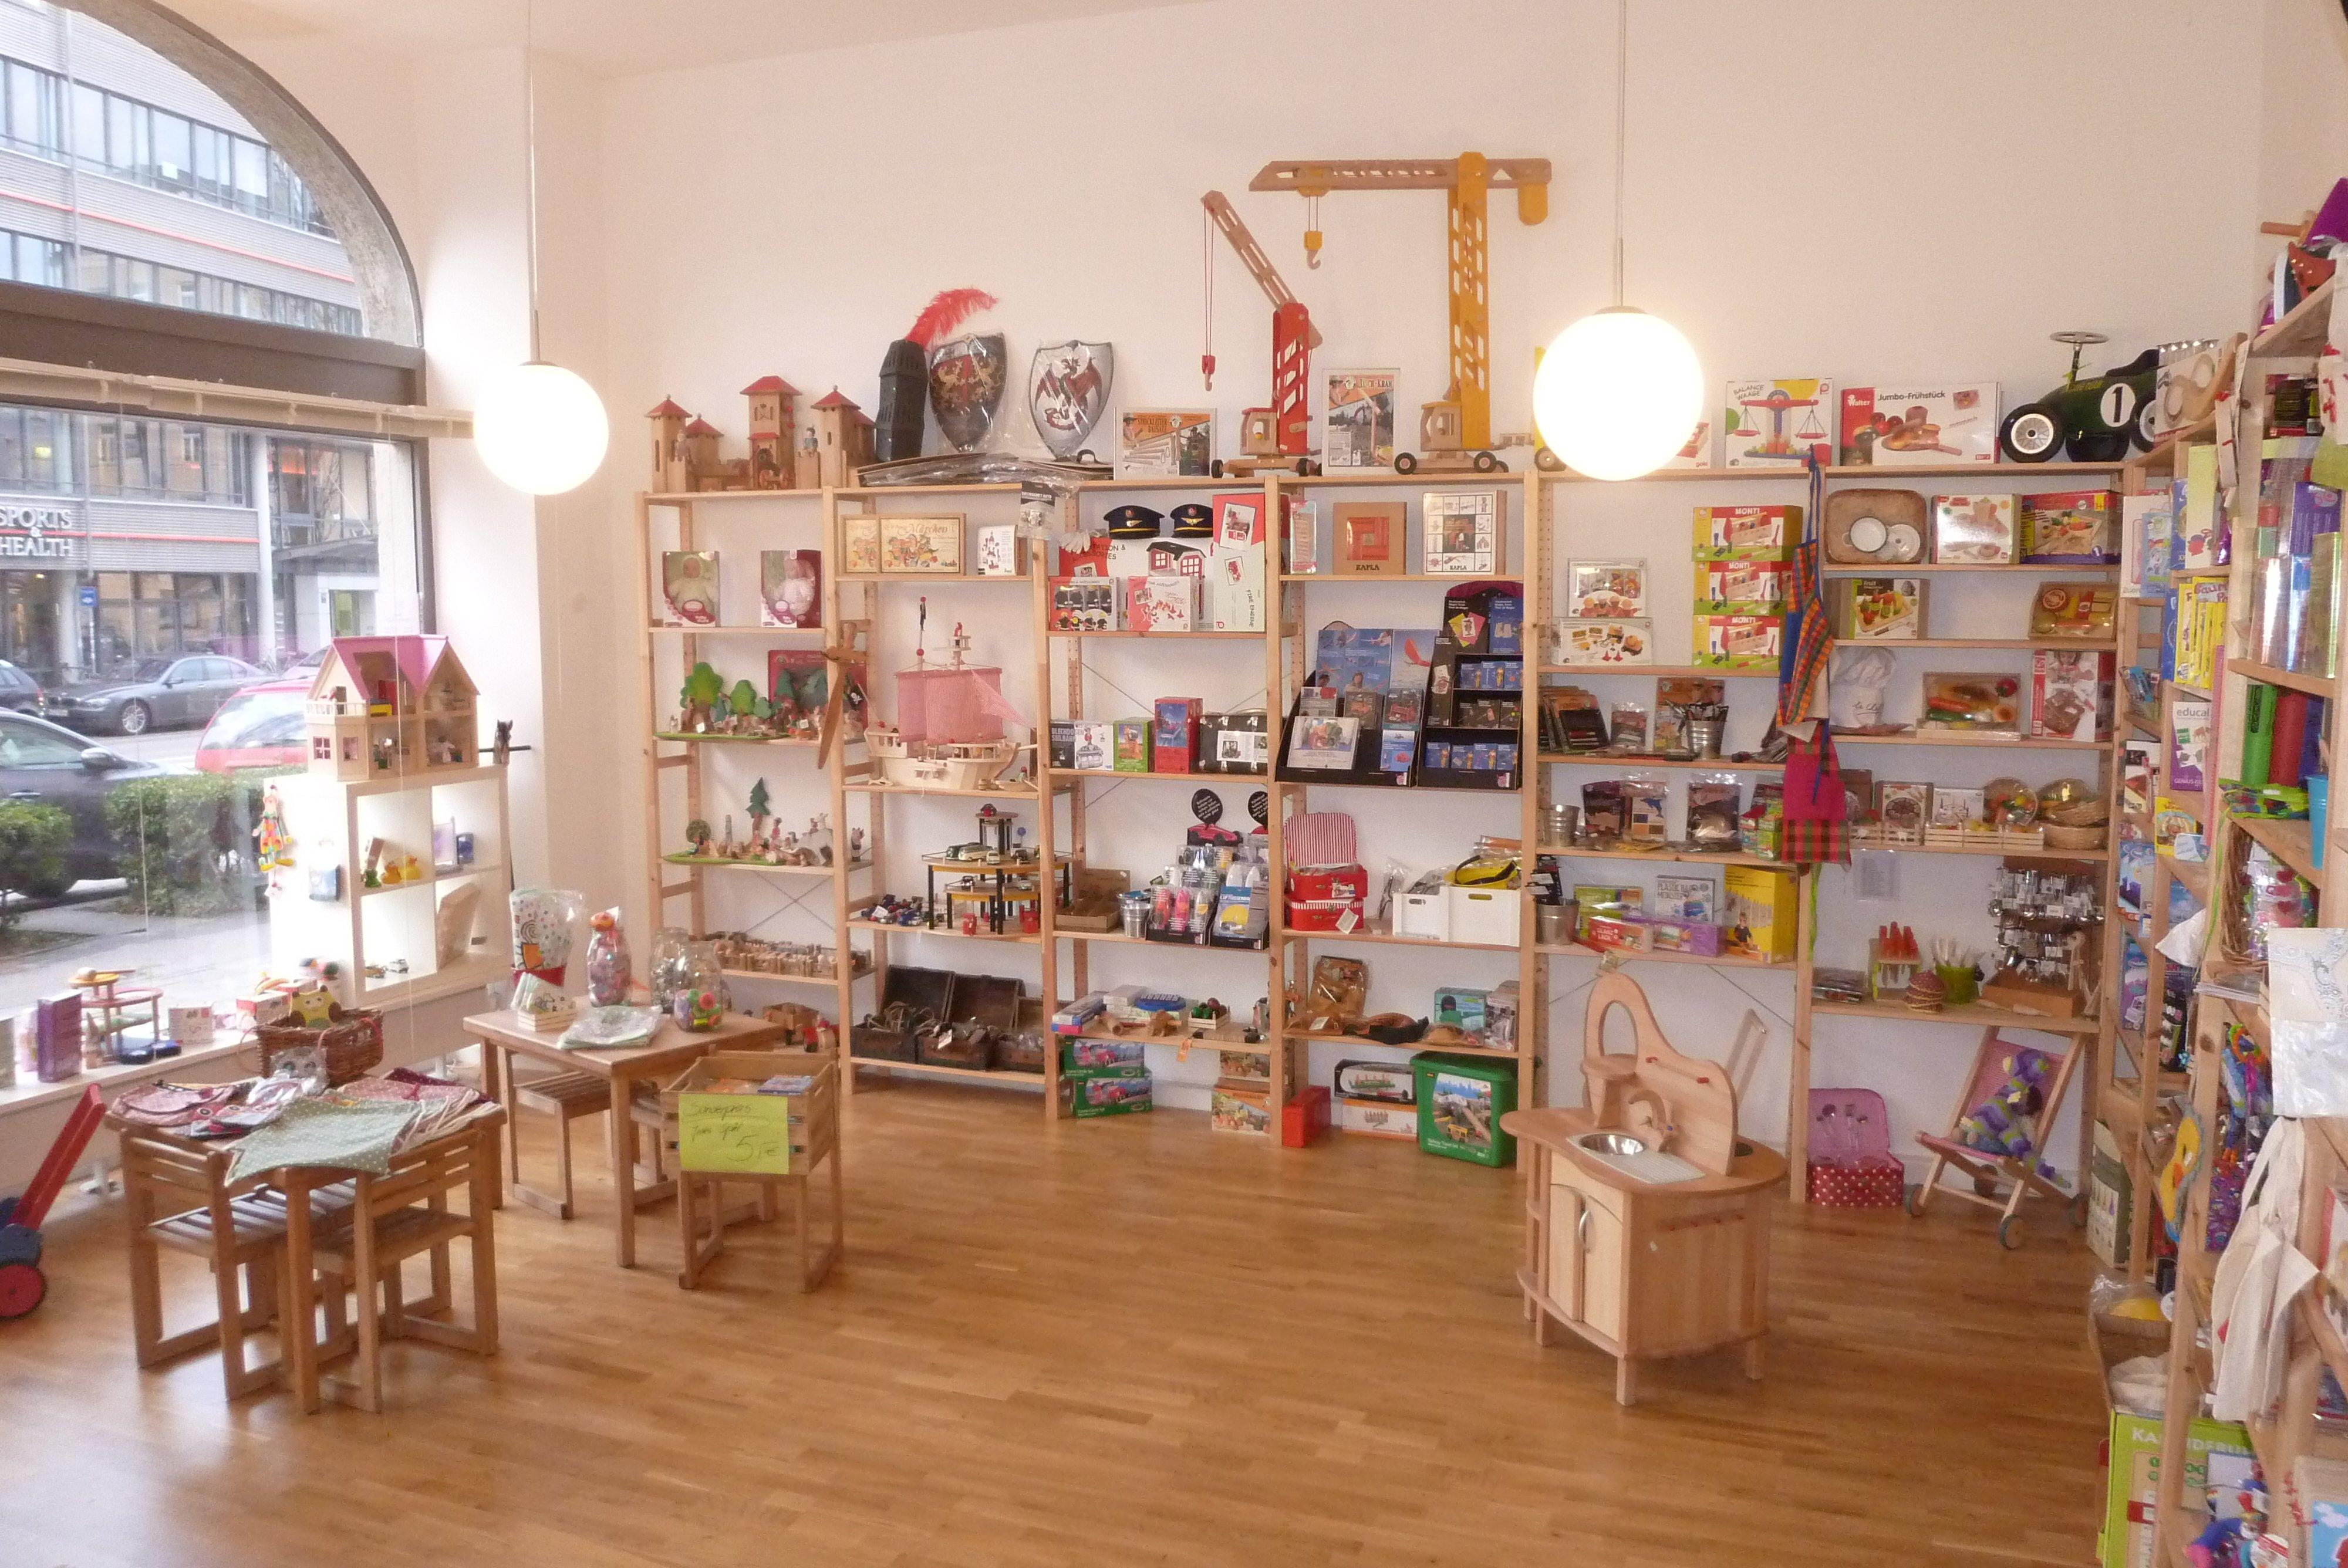 Innenansicht Spielzeugladen montessori kinderwelt